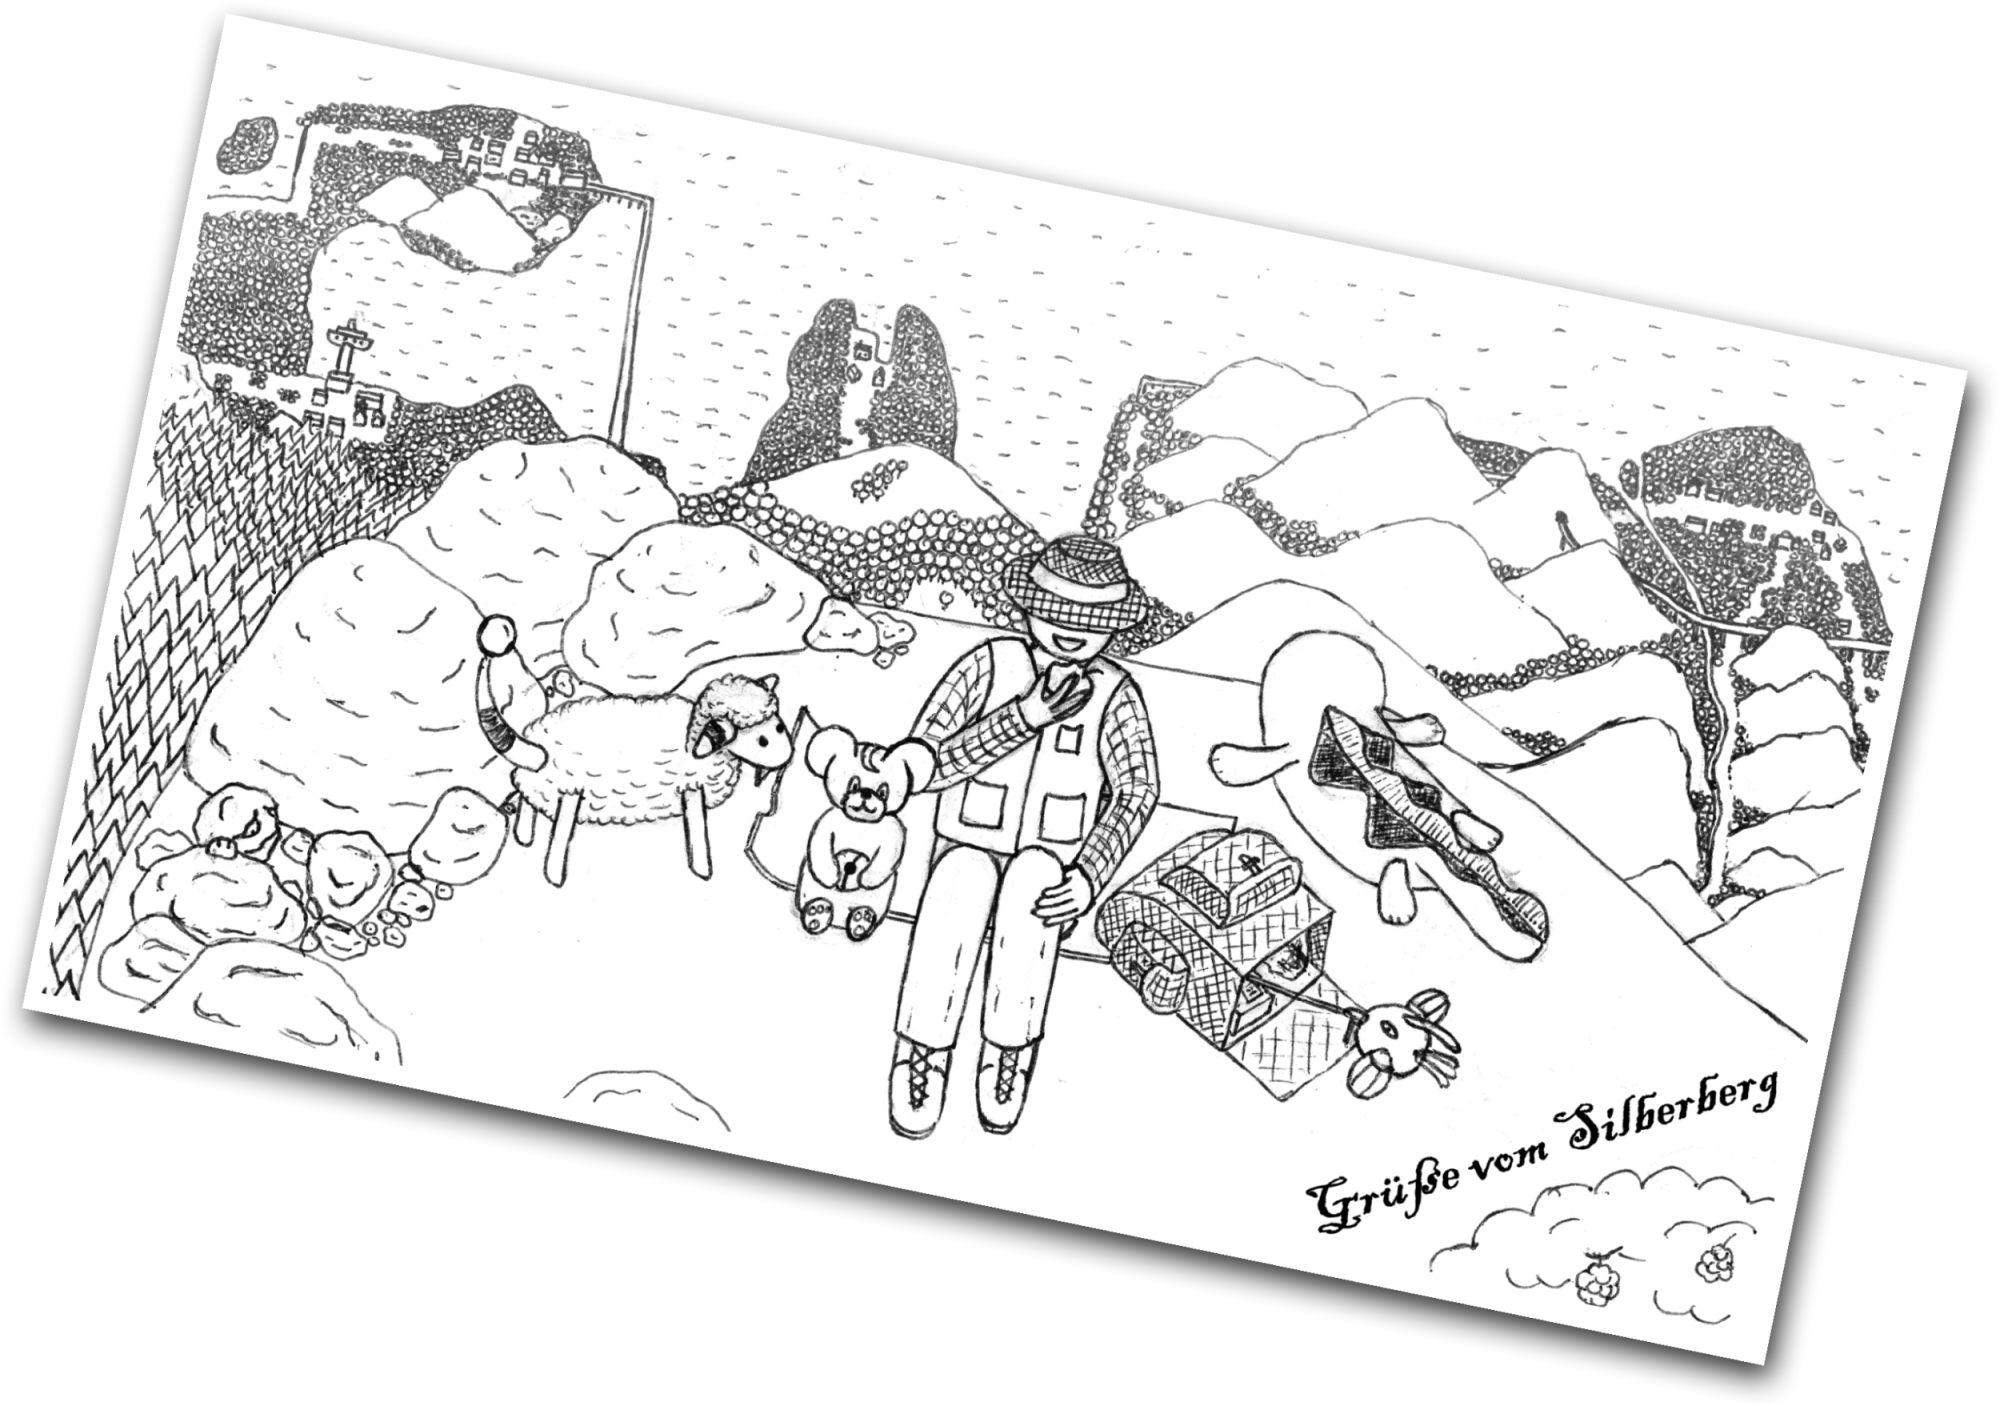 Pokémon-Zeichnung: Grüße vom Silberberg